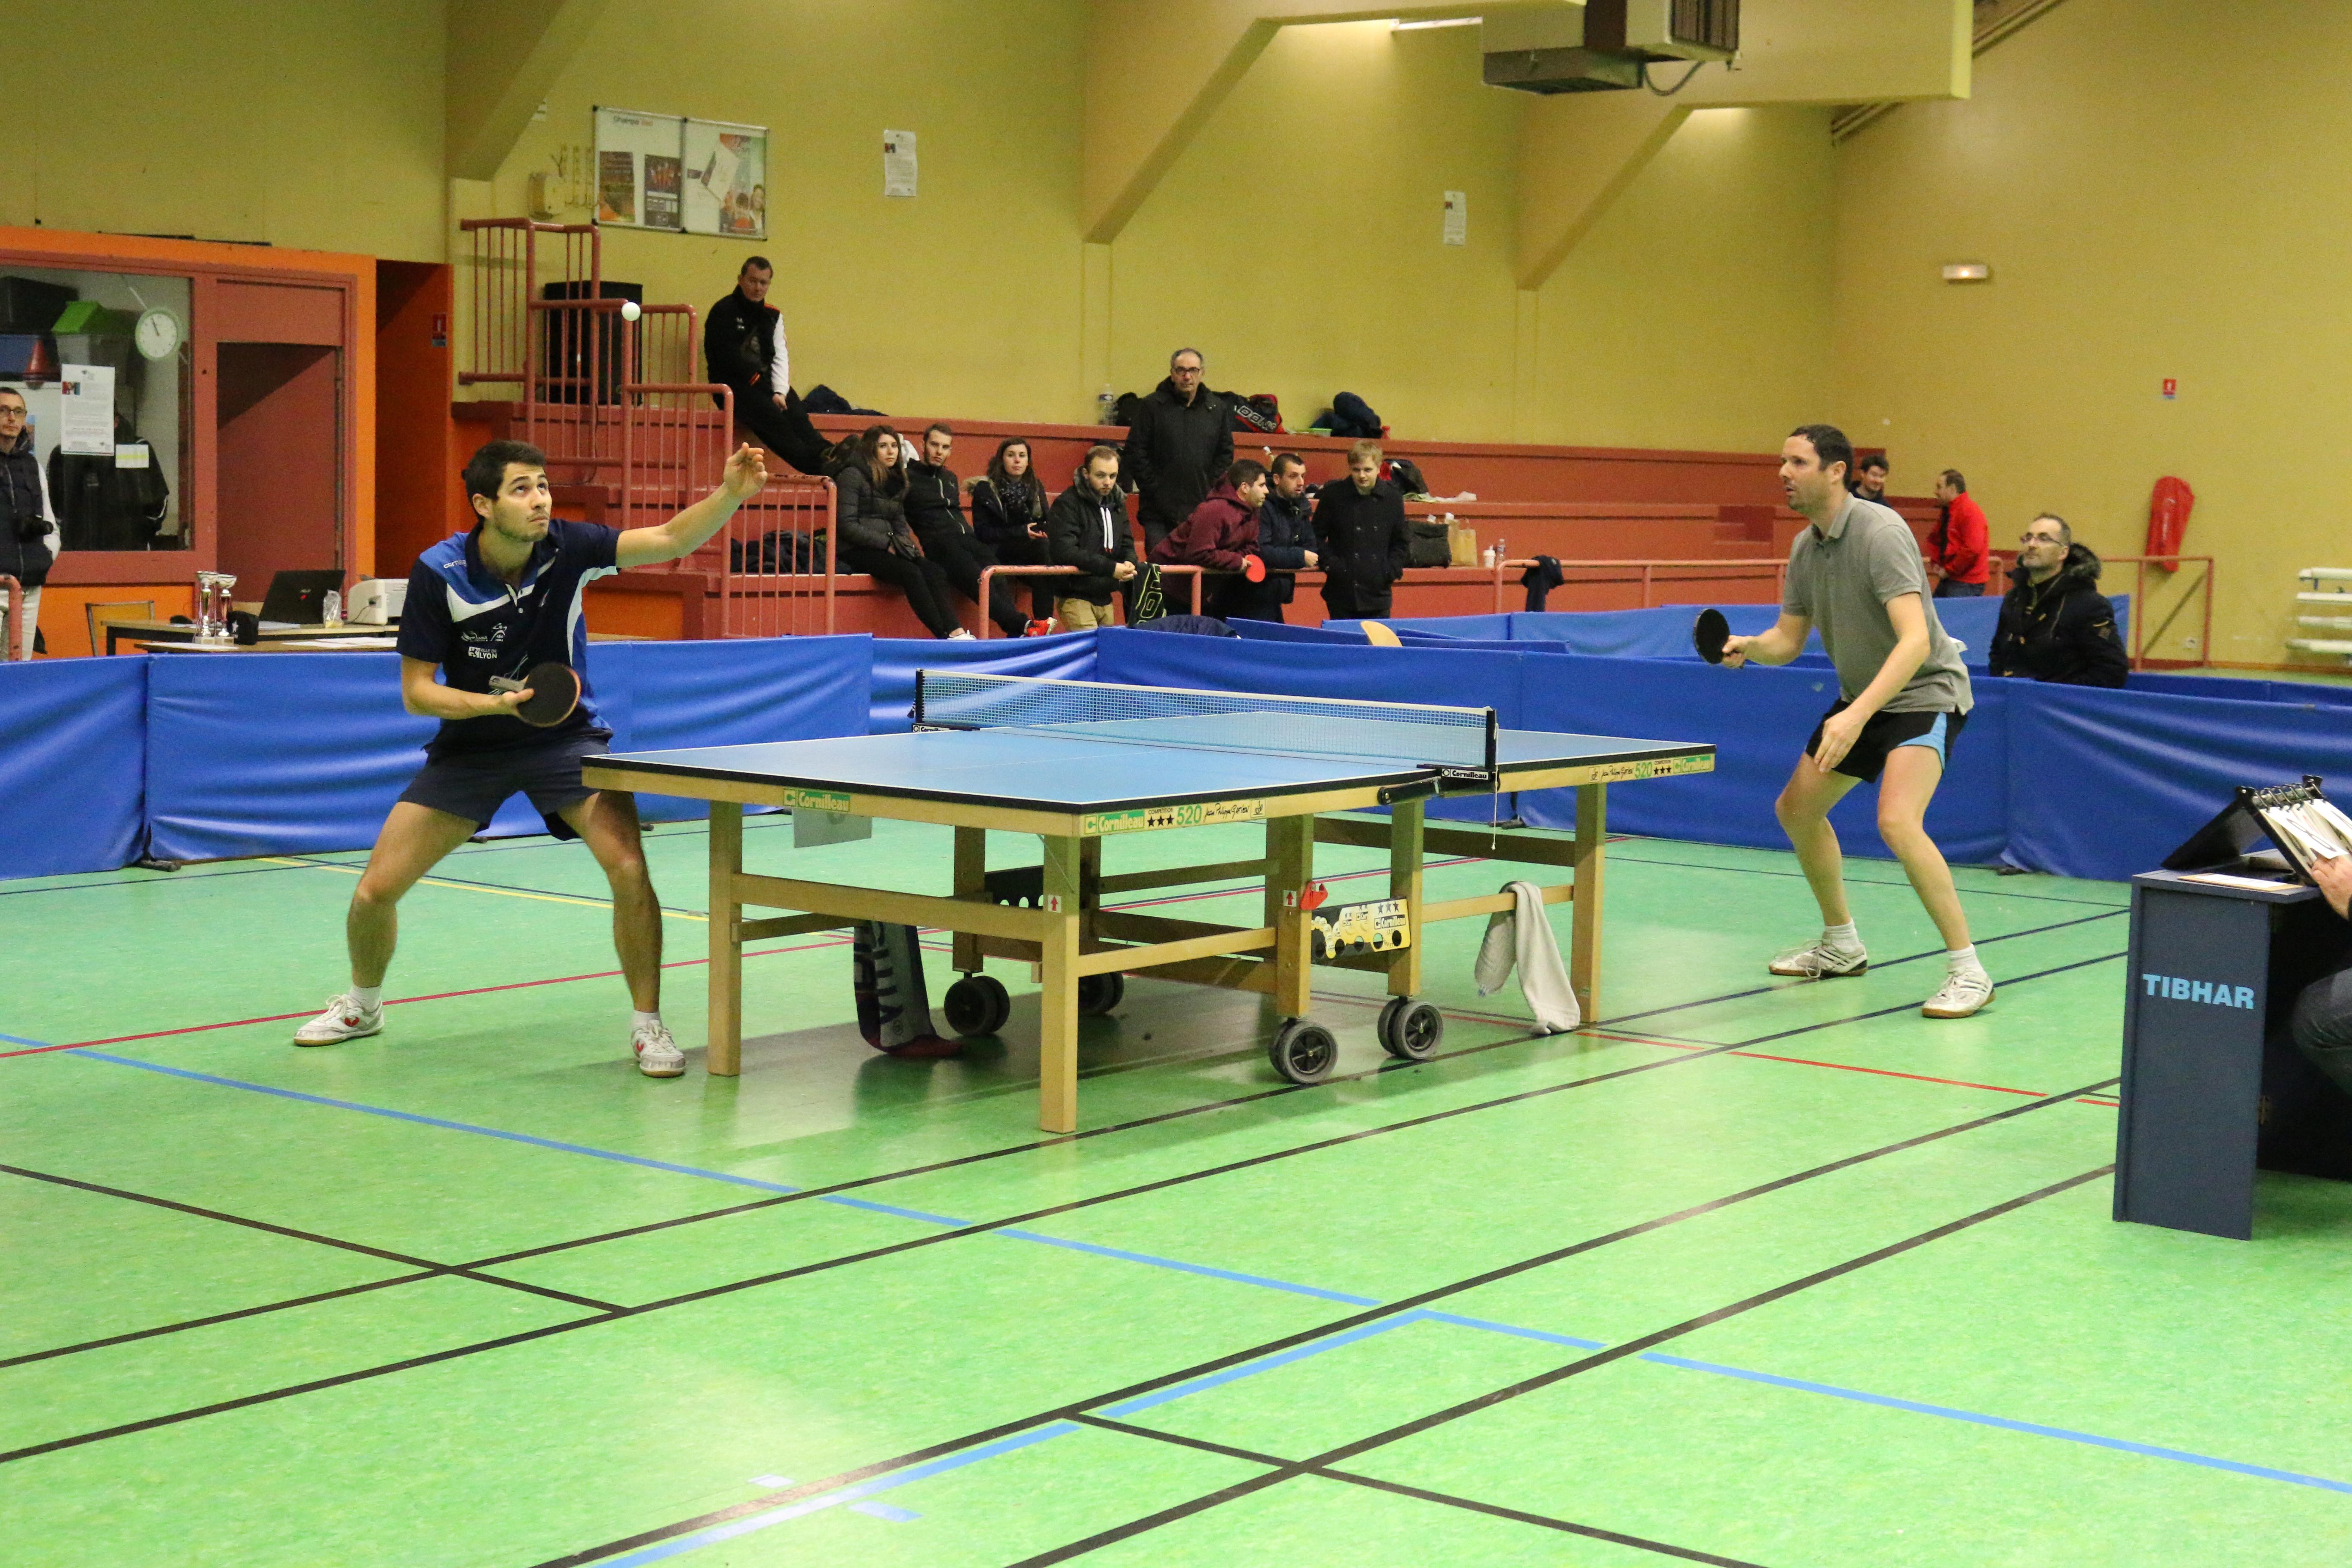 Rh ne lyon seniors comit tennis de table rh ne for Tennis de table lyon 6